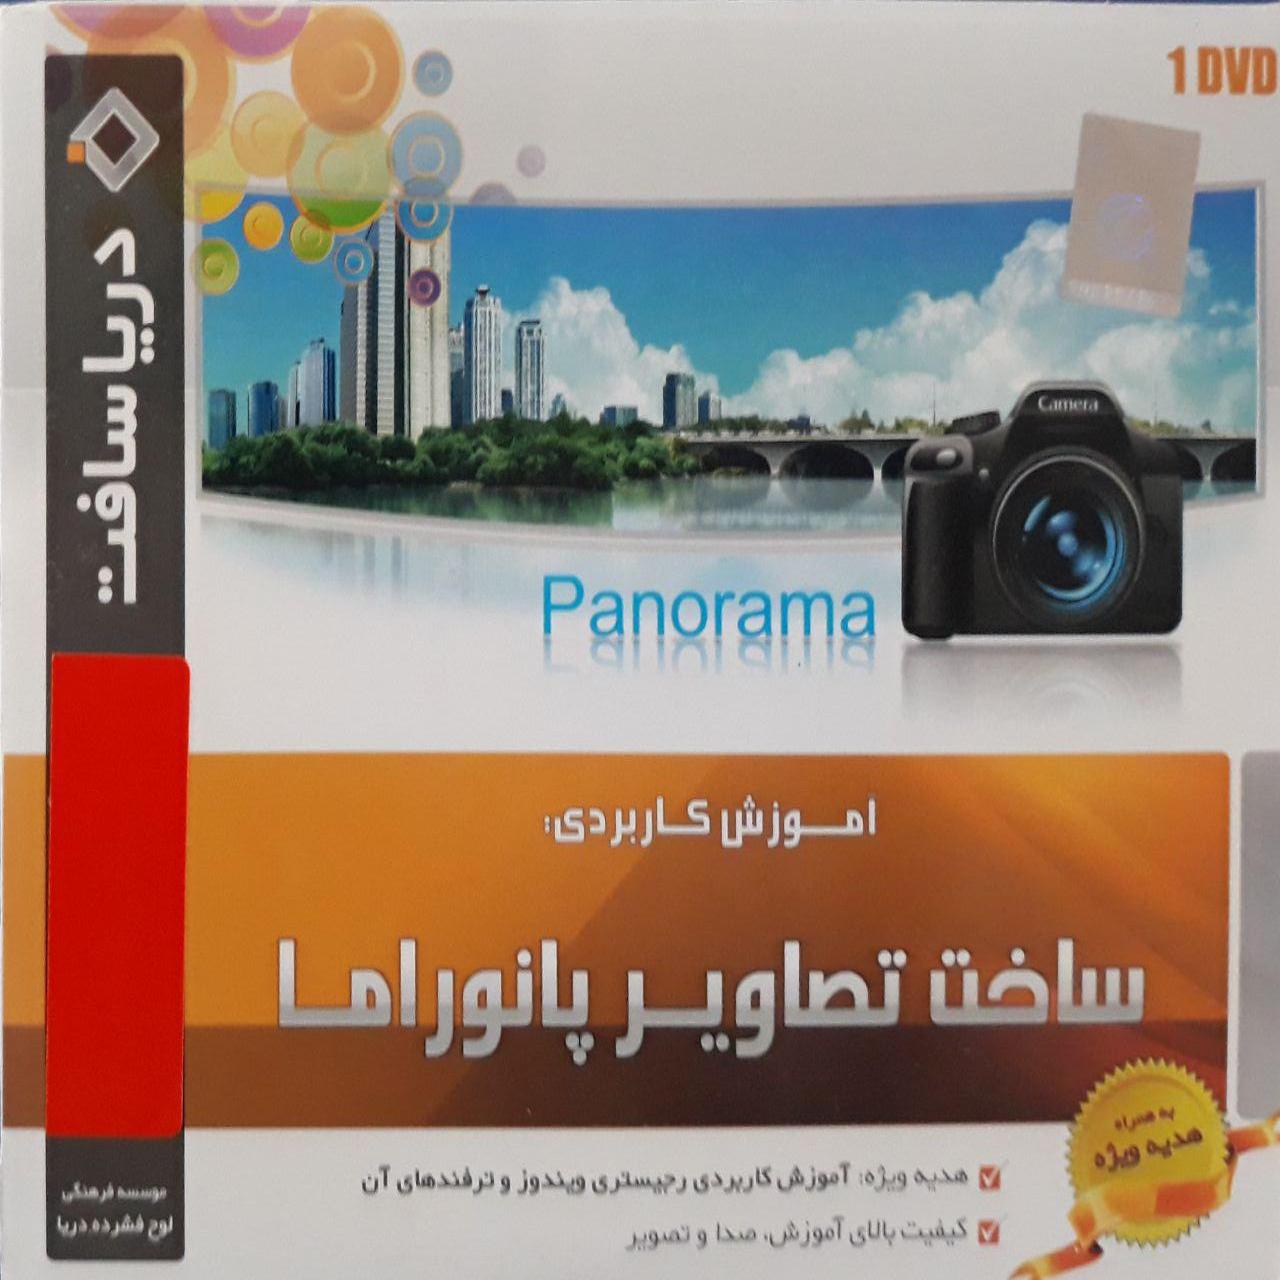 آموزش ساخت تصاویر پانوراما و سه بعدی نشر دریاسافت